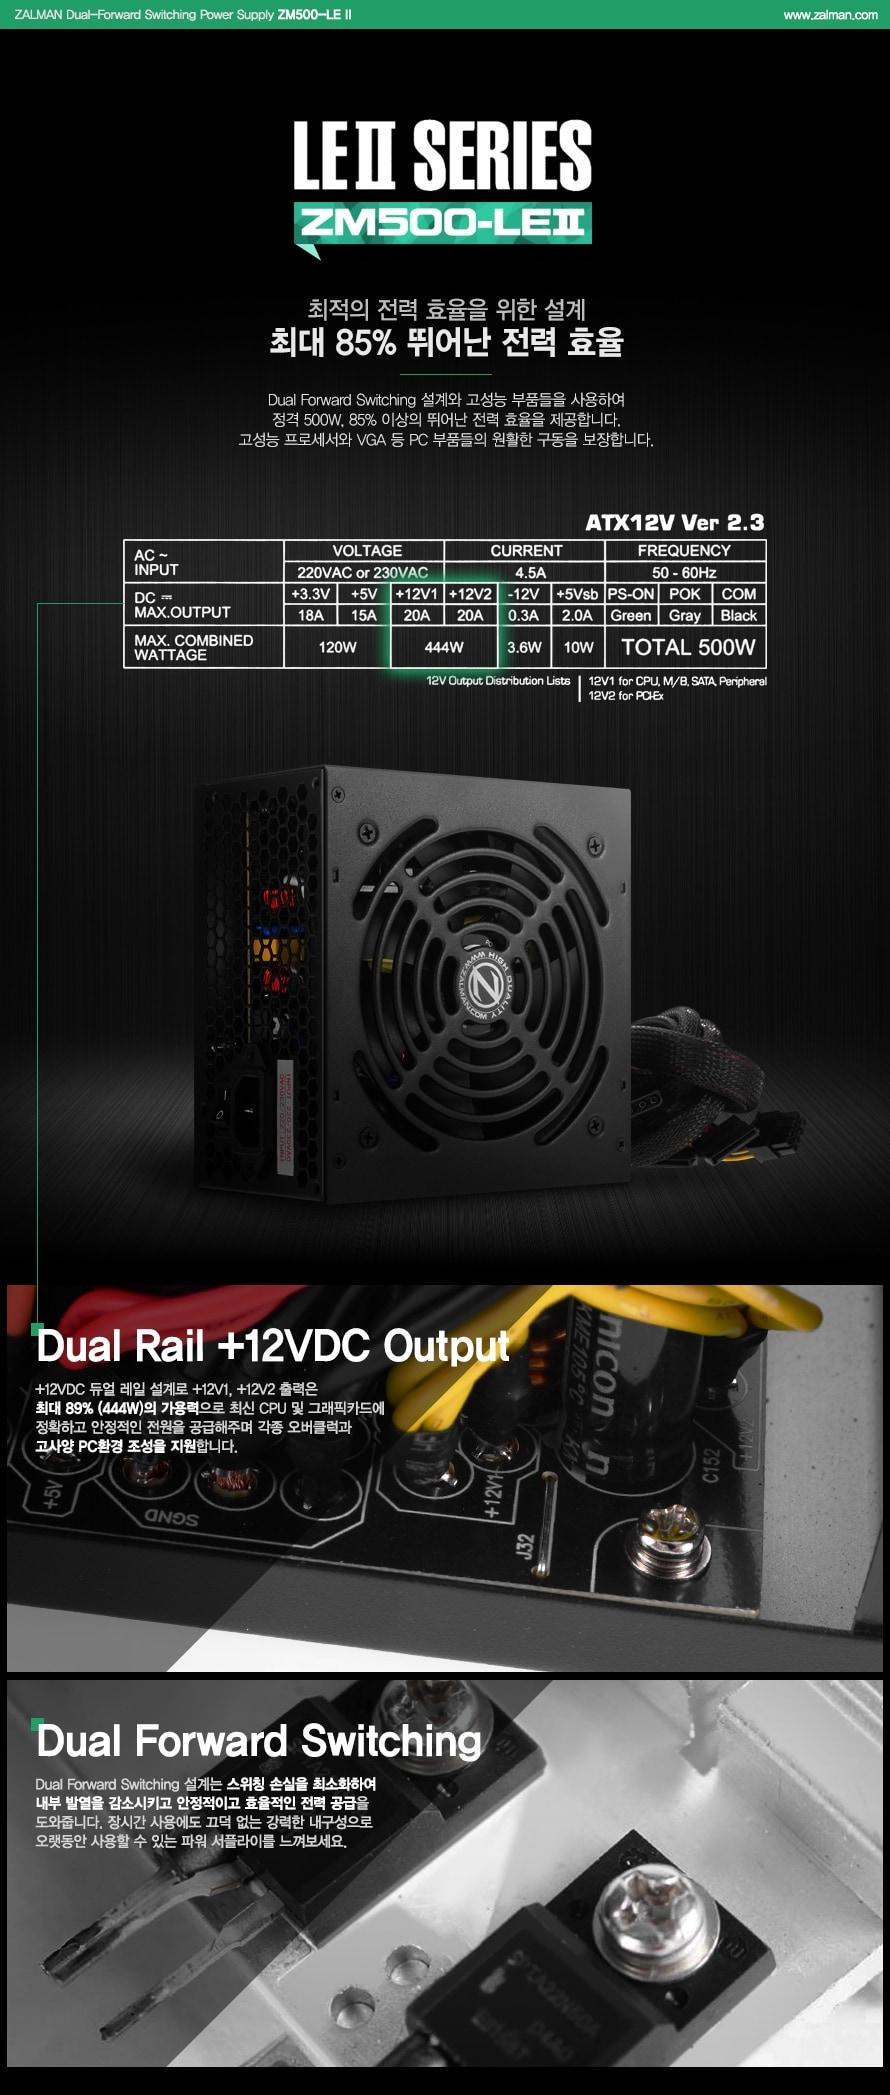 ZALMAN Dual-Forward Switching Power Supply ZM500-LE 2 / www.zalman.co.kr    LE2 SERIES ZM500-LE2    최적의 전력 효율을 위한 설계 최대 85% 뛰어난 전력 효율    Dual Forward Switching 설계와 고성능 부품들을 사용하여 정격 500W, 85% 이상의 뛰어난 전력 효율을 제공합니다. 고성능 프로세서와 VGA등 PC 부품들의 원할한 구동을 보장합니다.    Dual Rail +12VDC Output     _12VDC 듀얼 레일 설계로 +12V1, +12V2 출력은 최대 90% (360W)의 가용력으로 최신 CPU 및 그래픽카드에 정확하고 안정적인 전원을 공급해주며 각종 오버클럭과 고사양 PC환경 조성을 지원합니다.    Dual Forward Switching    Dual Forward Switching 설계는 스위치 손실을 최소화하여 내부 발열을 감소시키고 안정적이며 효율적인 전력 공급을 도와줍니다. 장시간 사용에도 끄덕 없는 강력한 내구성으로 오랫동안 사용할 수 있는 파워 서플라이를 느껴보세요.